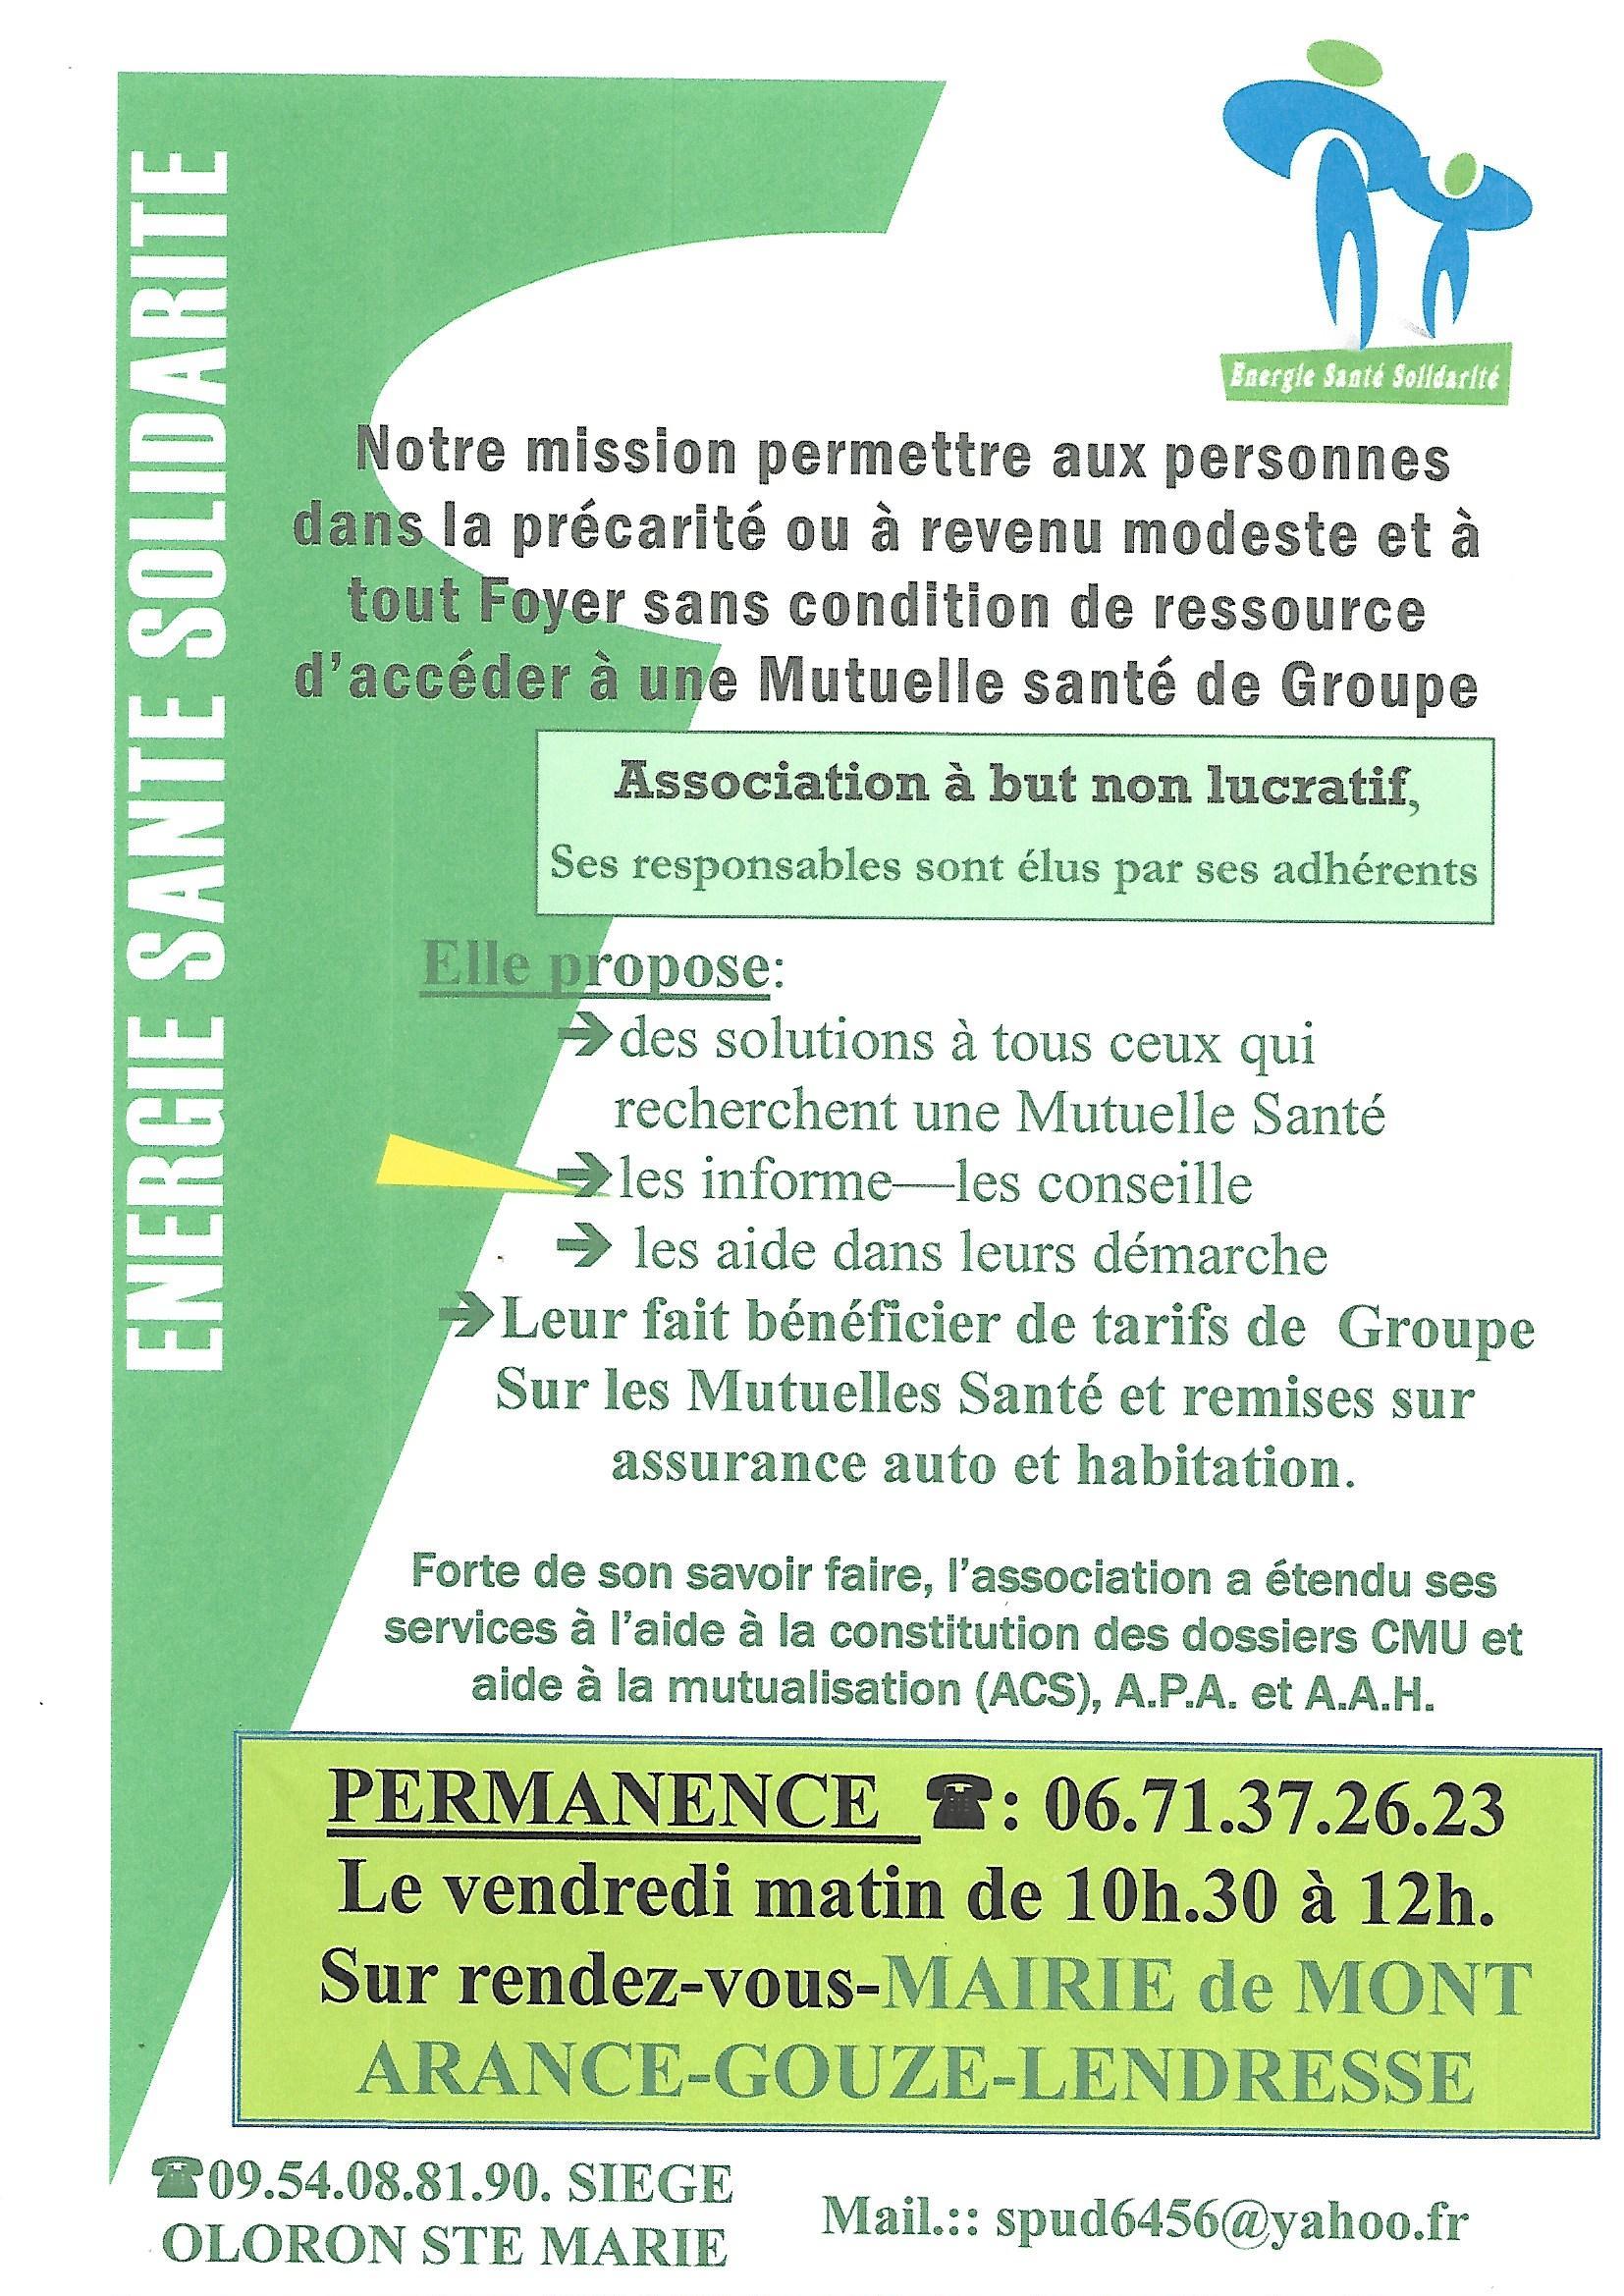 Permanence de l association energie sant solidarit commune de mont arance gouze lendresse - Pacte energie solidarite 2017 ...